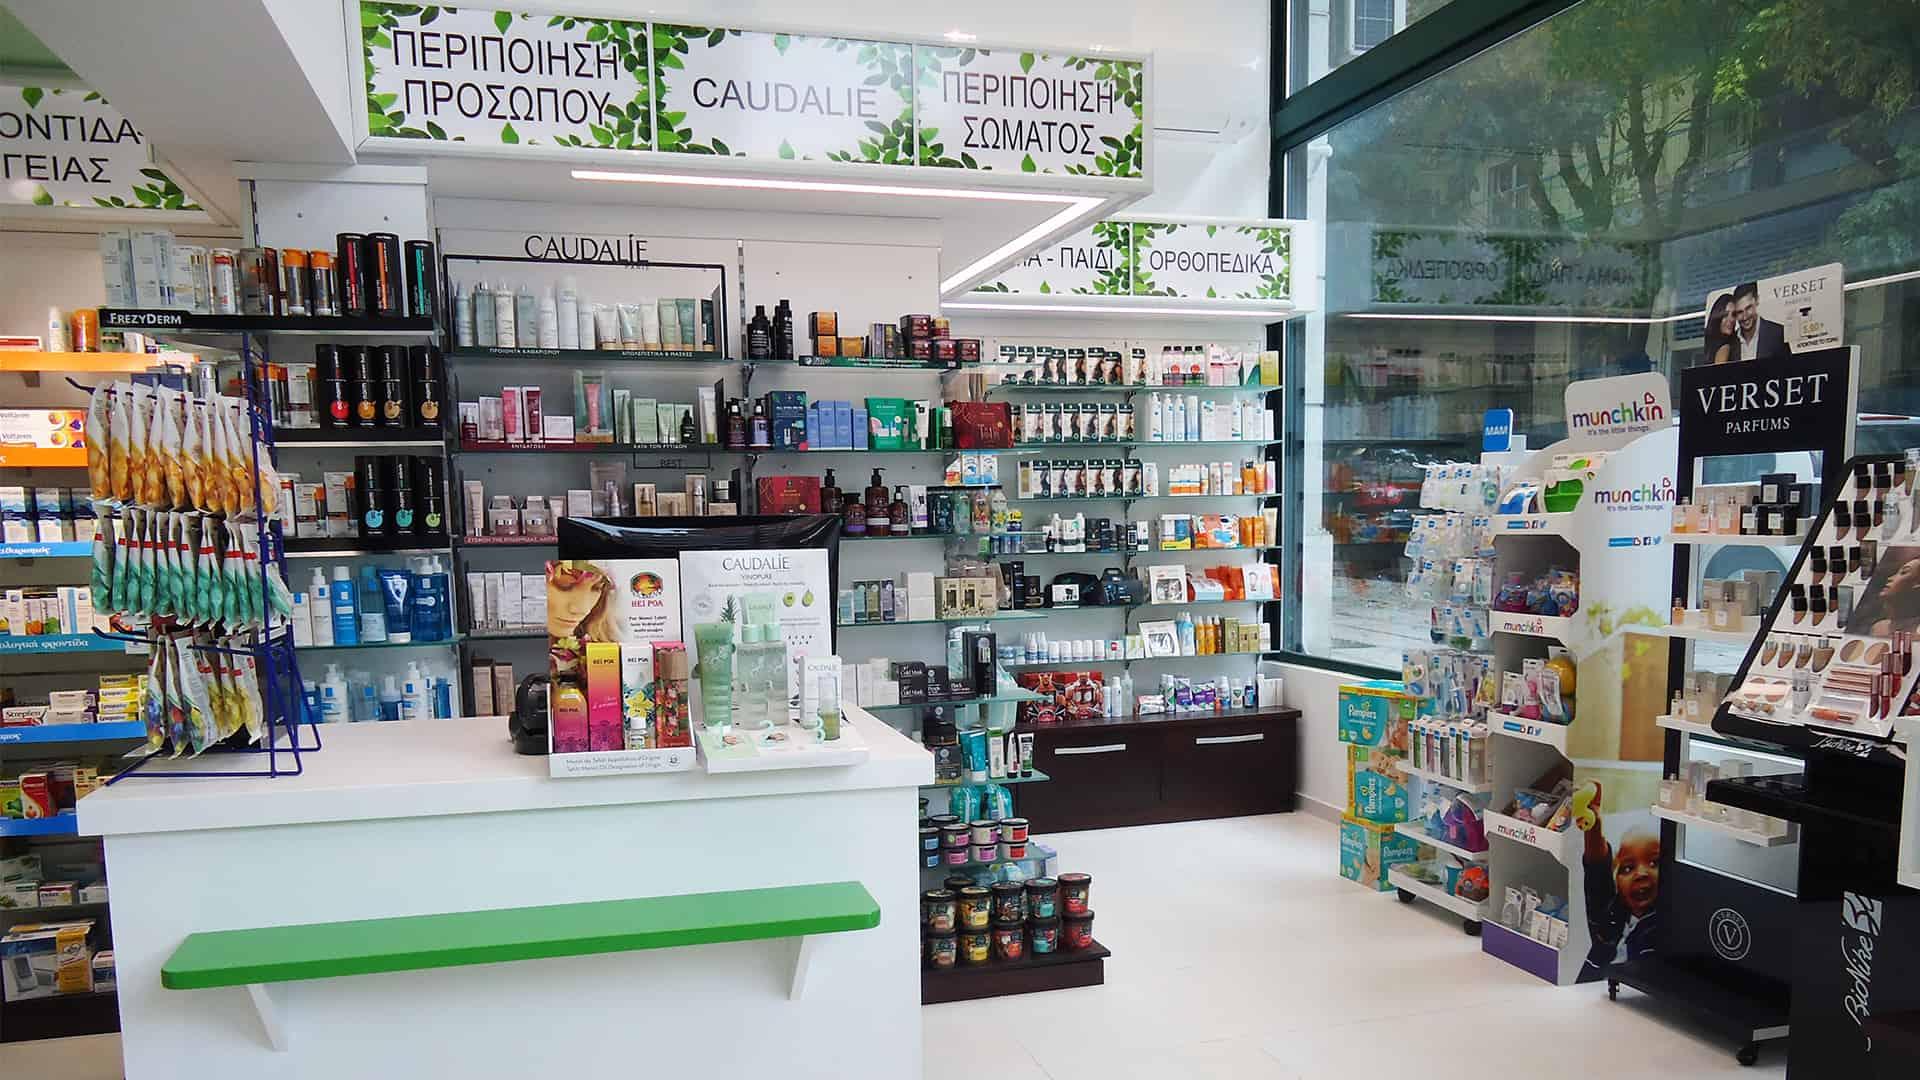 Φαρμακείο Τζένη Ρουκά τμήμα φαρμάκων